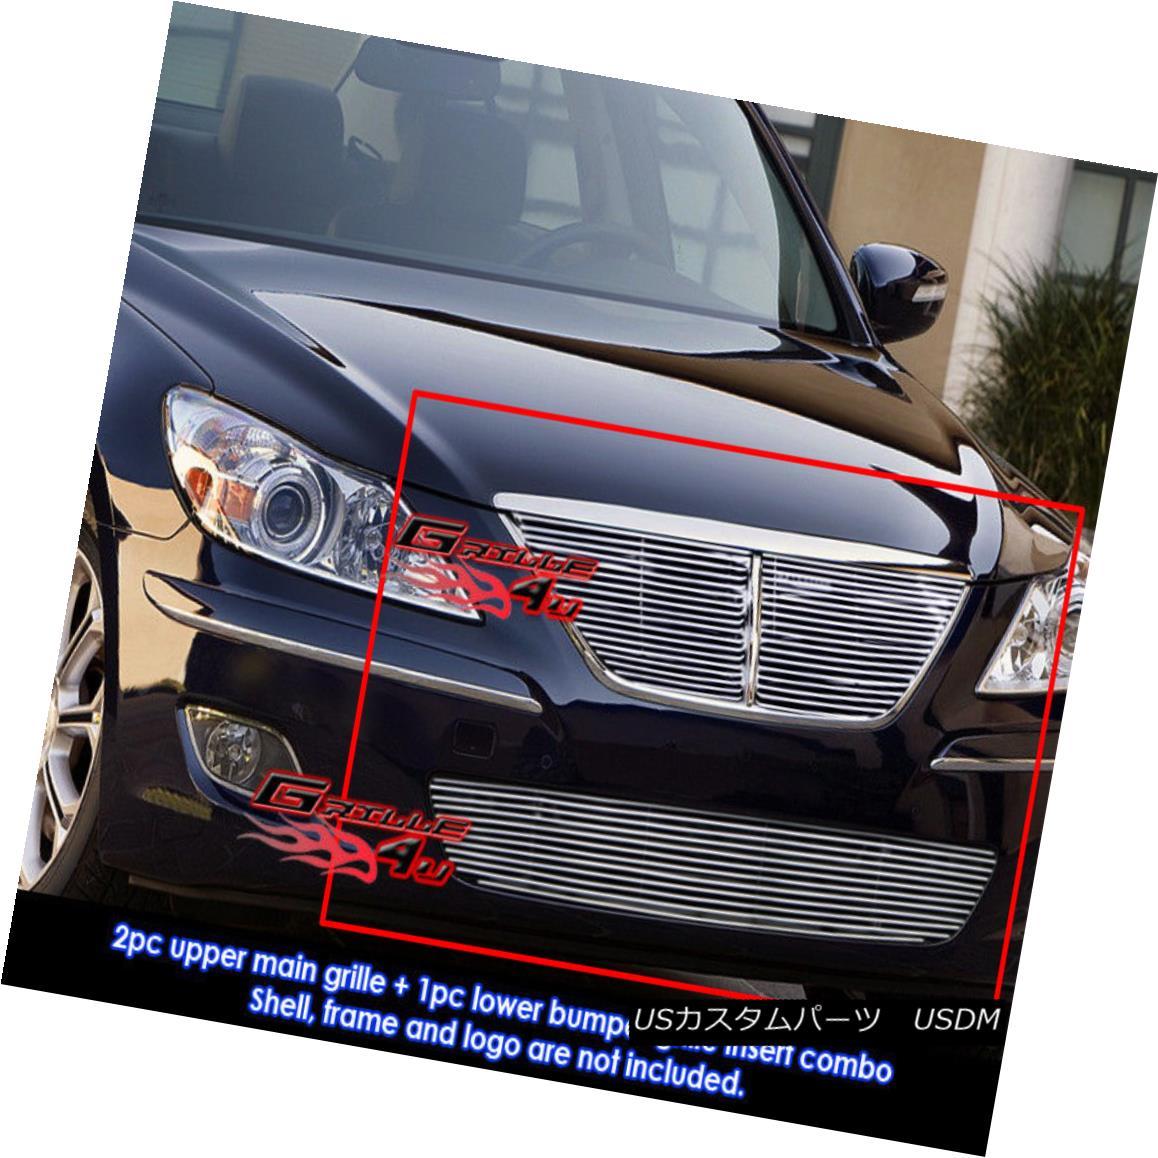 グリル 09-11 2011 Fit Hyundai Genesis 4Dr Billet Grille Combo 2011年09月11日フィット・ヒュンダイ・ジェネシス4Drビレット・グリル・コンボ